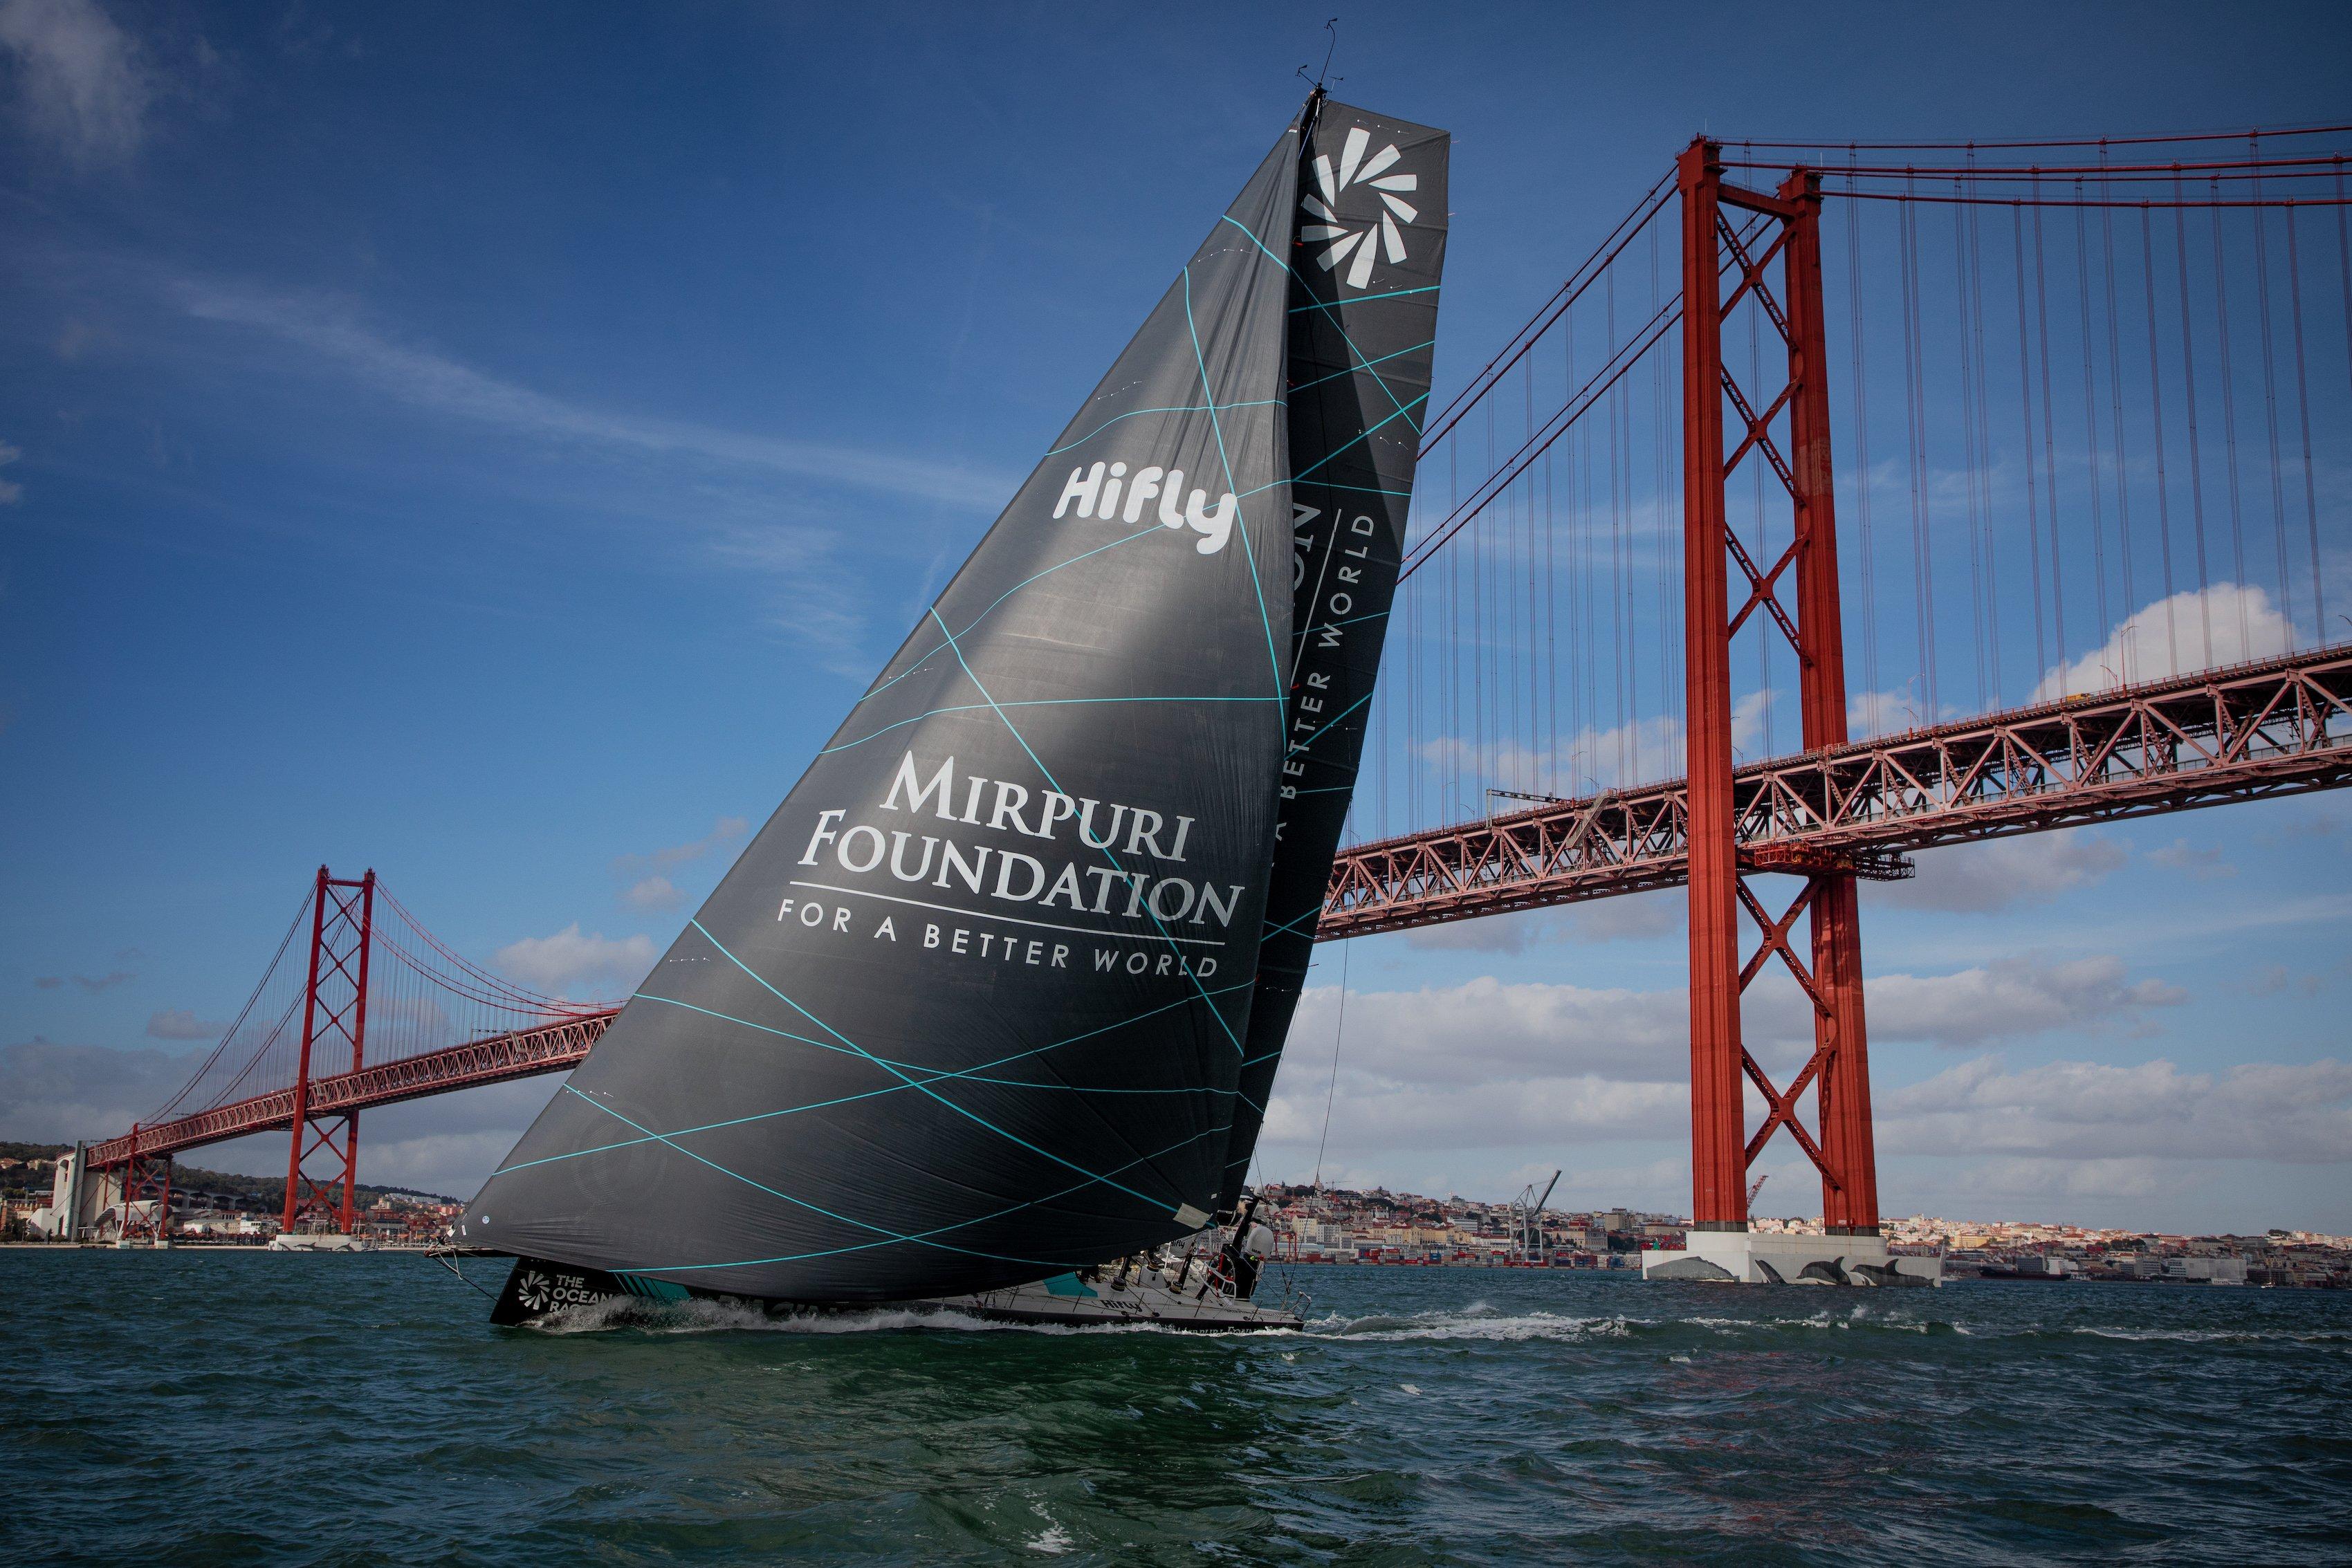 Next challenge: The Ocean Race Europe